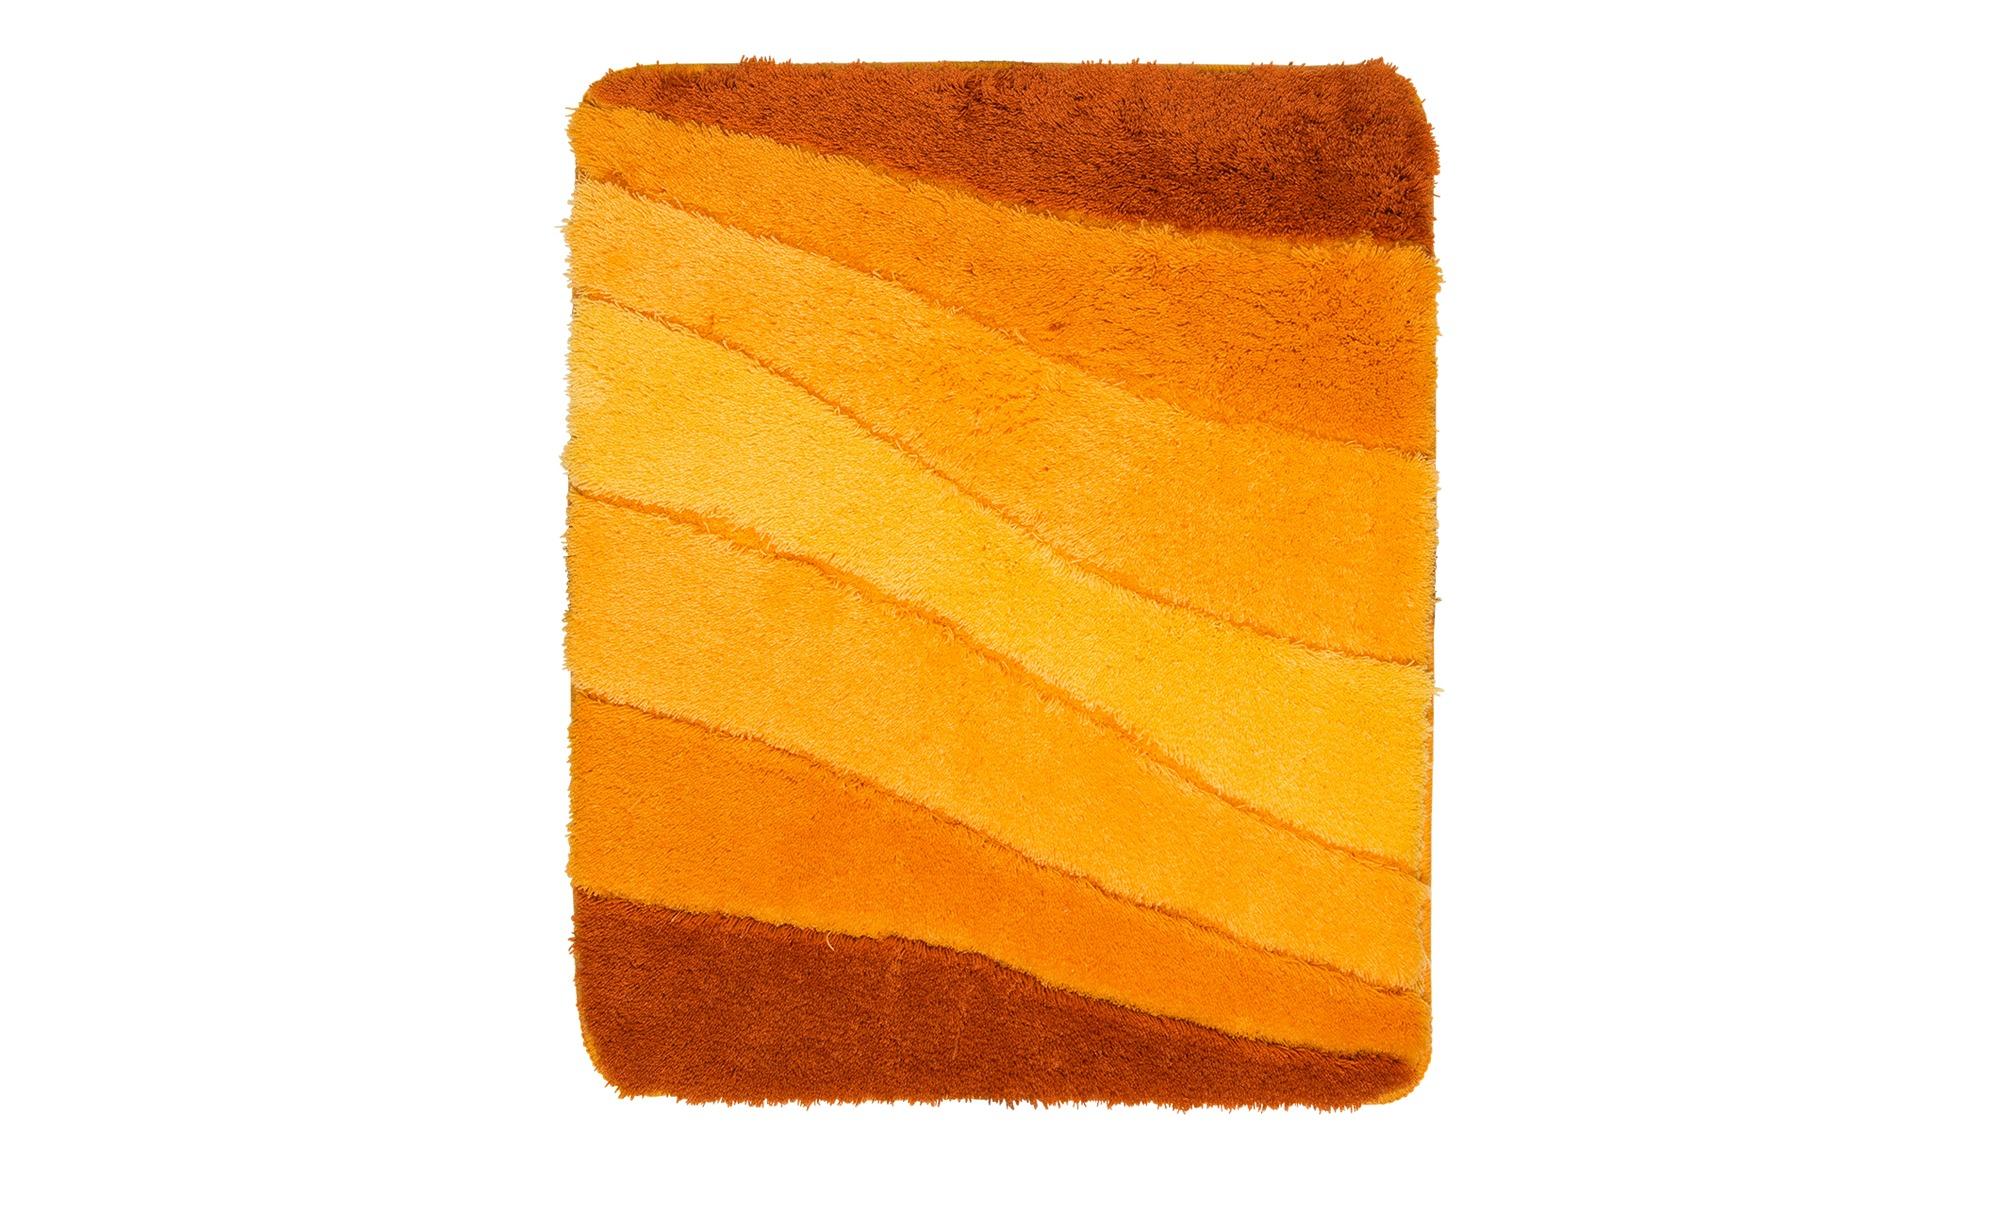 MEUSCH Badteppich  Ocean ¦ orange ¦ 100% Polyacryl ¦ Maße (cm): B: 55 Badtextilien und Zubehör > Badematten & Badvorleger - Höffner